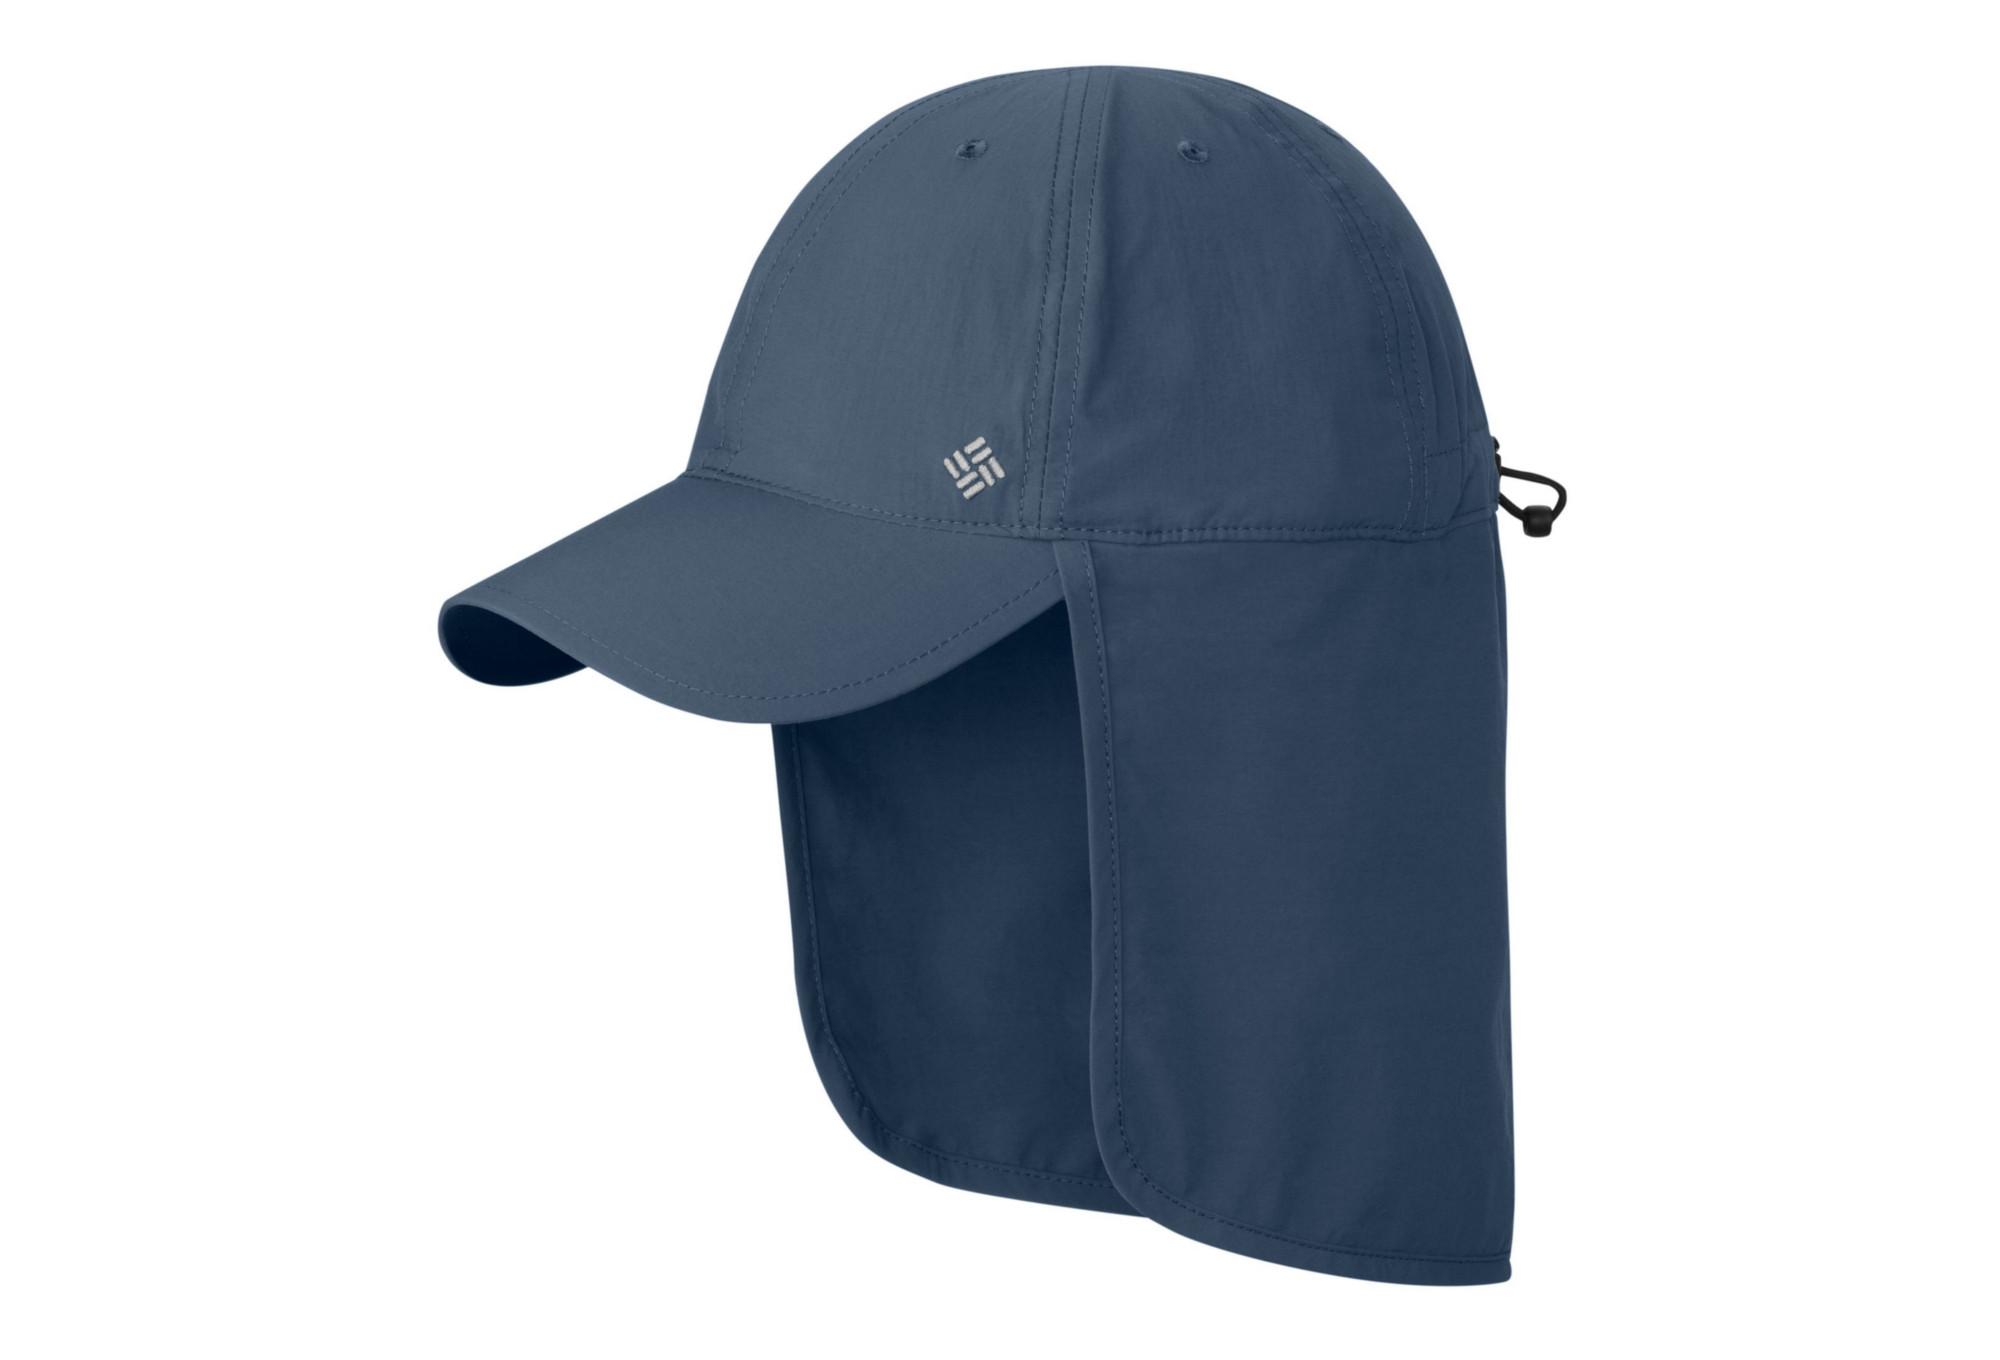 9dab9e71799 Columbia cap bleu jpg 2000x1360 Columbia cap